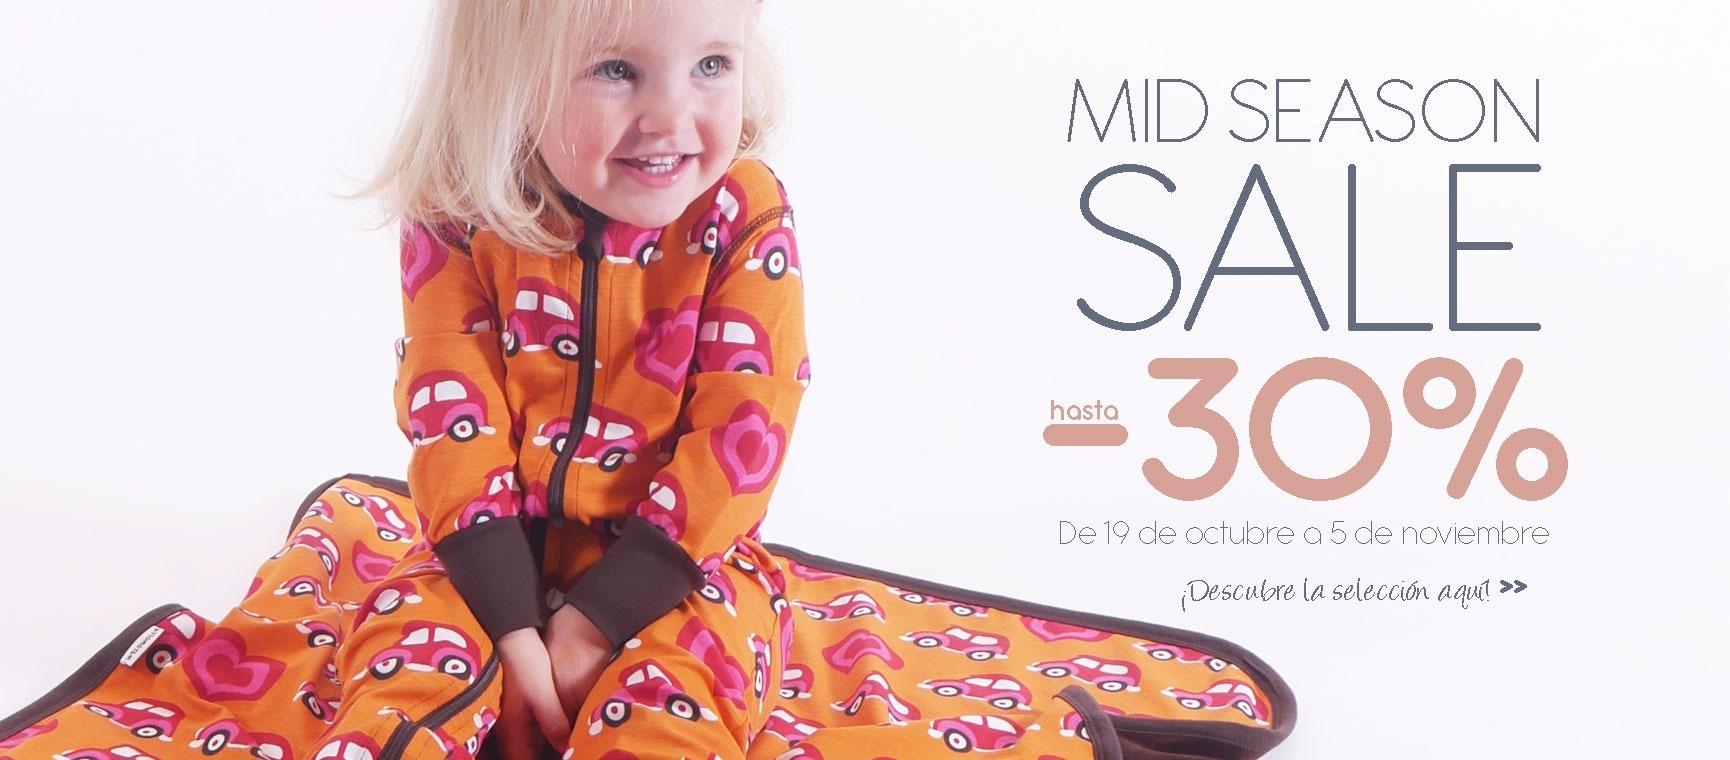 mid-season-sale-bebe-descuento-ropa